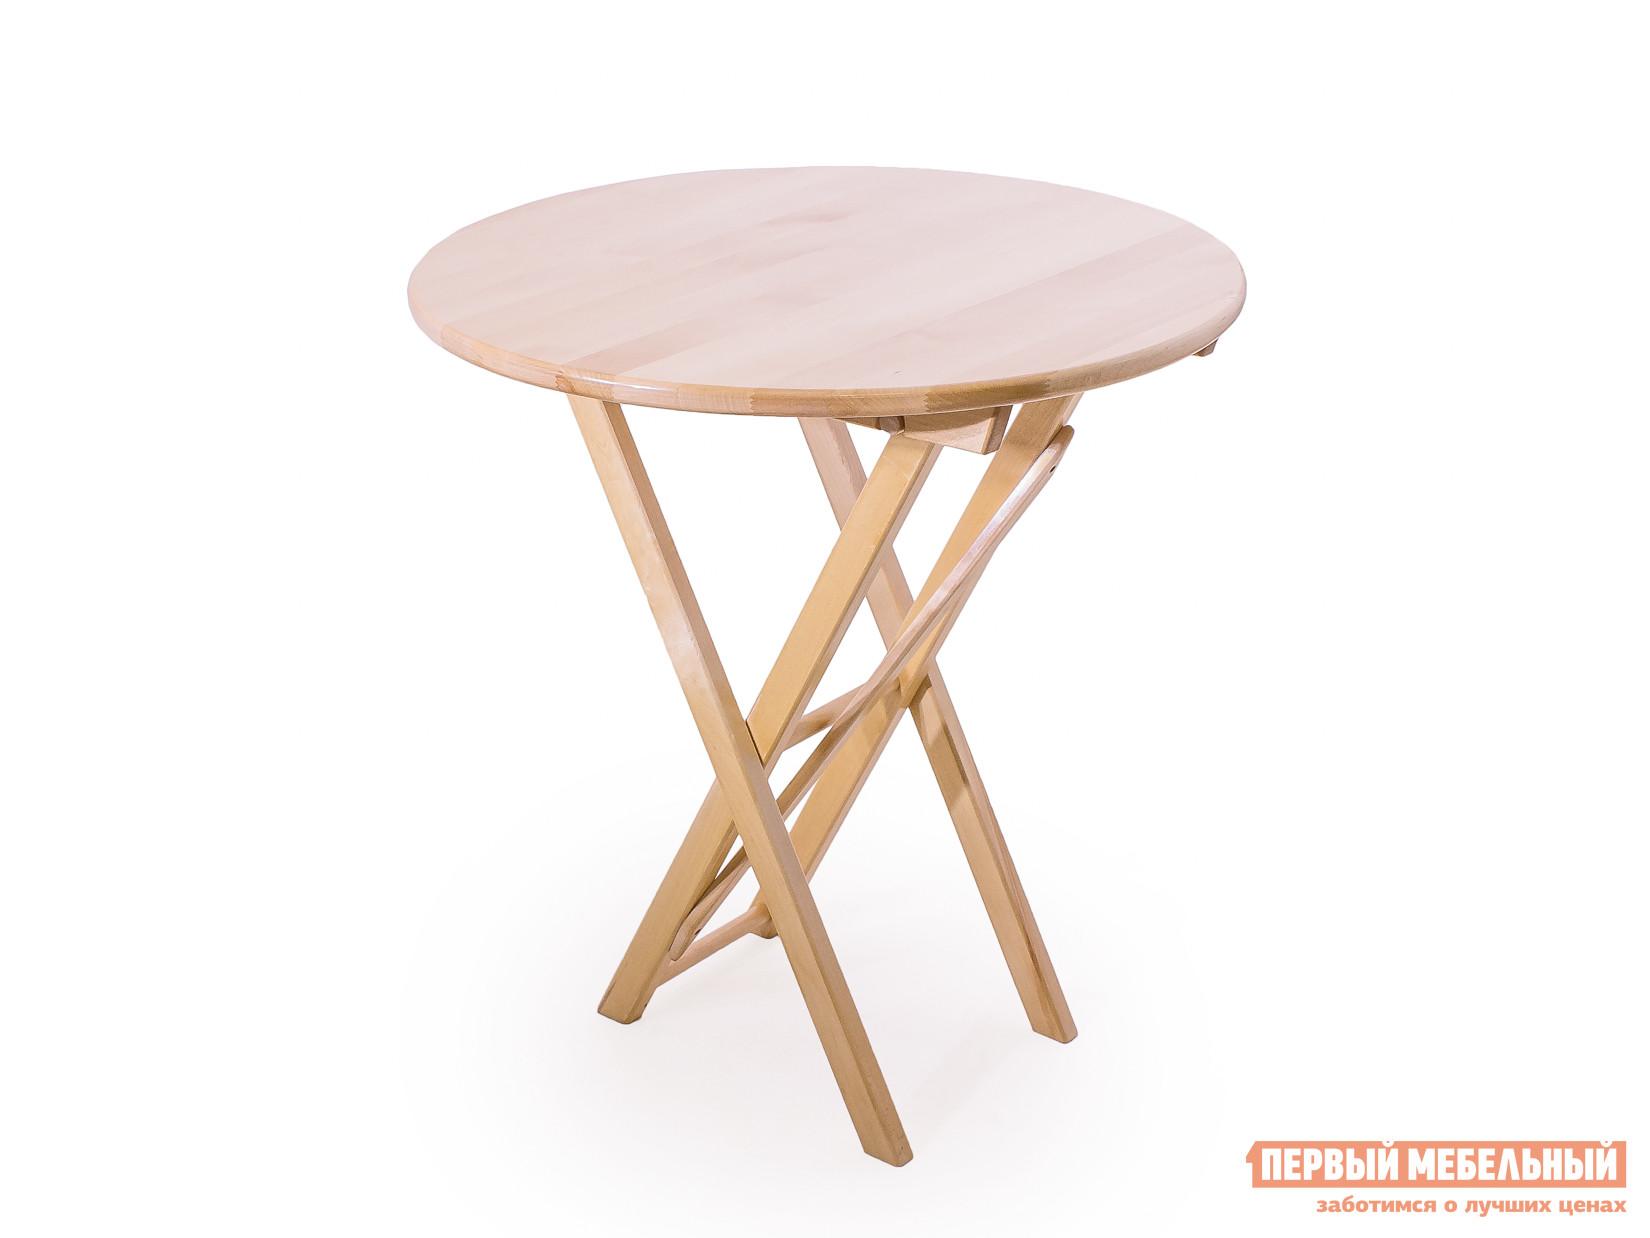 Садовый стол СМКА СМ012Б, СМ013Б Береза, 700 ммСадовые столы<br>Габаритные размеры ВхШхГ 750x700 / 800x700 / 800 мм. Садовый стол Любава-750 (СМ012Б, СМ013Б) с круглой столешницей имеет складную конструкцию.  Он полностью изготовлен из массива березы.  Поверхность покрыта слоем атмосферостойкого лака, который убережет древесину от разбухания и повреждений. При заказе стола вам необходимо будет выбрать диаметр столешницы. Он представлен двумя вариантами:700 мм;800 мм. В сложенном виде малый вариант имеет габариты 1010х80х700 мм, а большой — 1100х80х800 мм. Создать уютный уголок для ланча или чаепития можно приобретя такой стол и пару стульев в нашем интернет-магазине.<br><br>Цвет: Светлое дерево<br>Высота мм: 750<br>Ширина мм: 700 / 800<br>Глубина мм: 700 / 800<br>Кол-во упаковок: 1<br>Форма поставки: В собранном виде<br>Срок гарантии: 1 год<br>Тип: Раскладные<br>Тип: Трансформер<br>Тип: Обеденные<br>Материал: Массив дерева<br>Порода дерева: Береза<br>Форма: Круглые<br>Размер: Маленькие